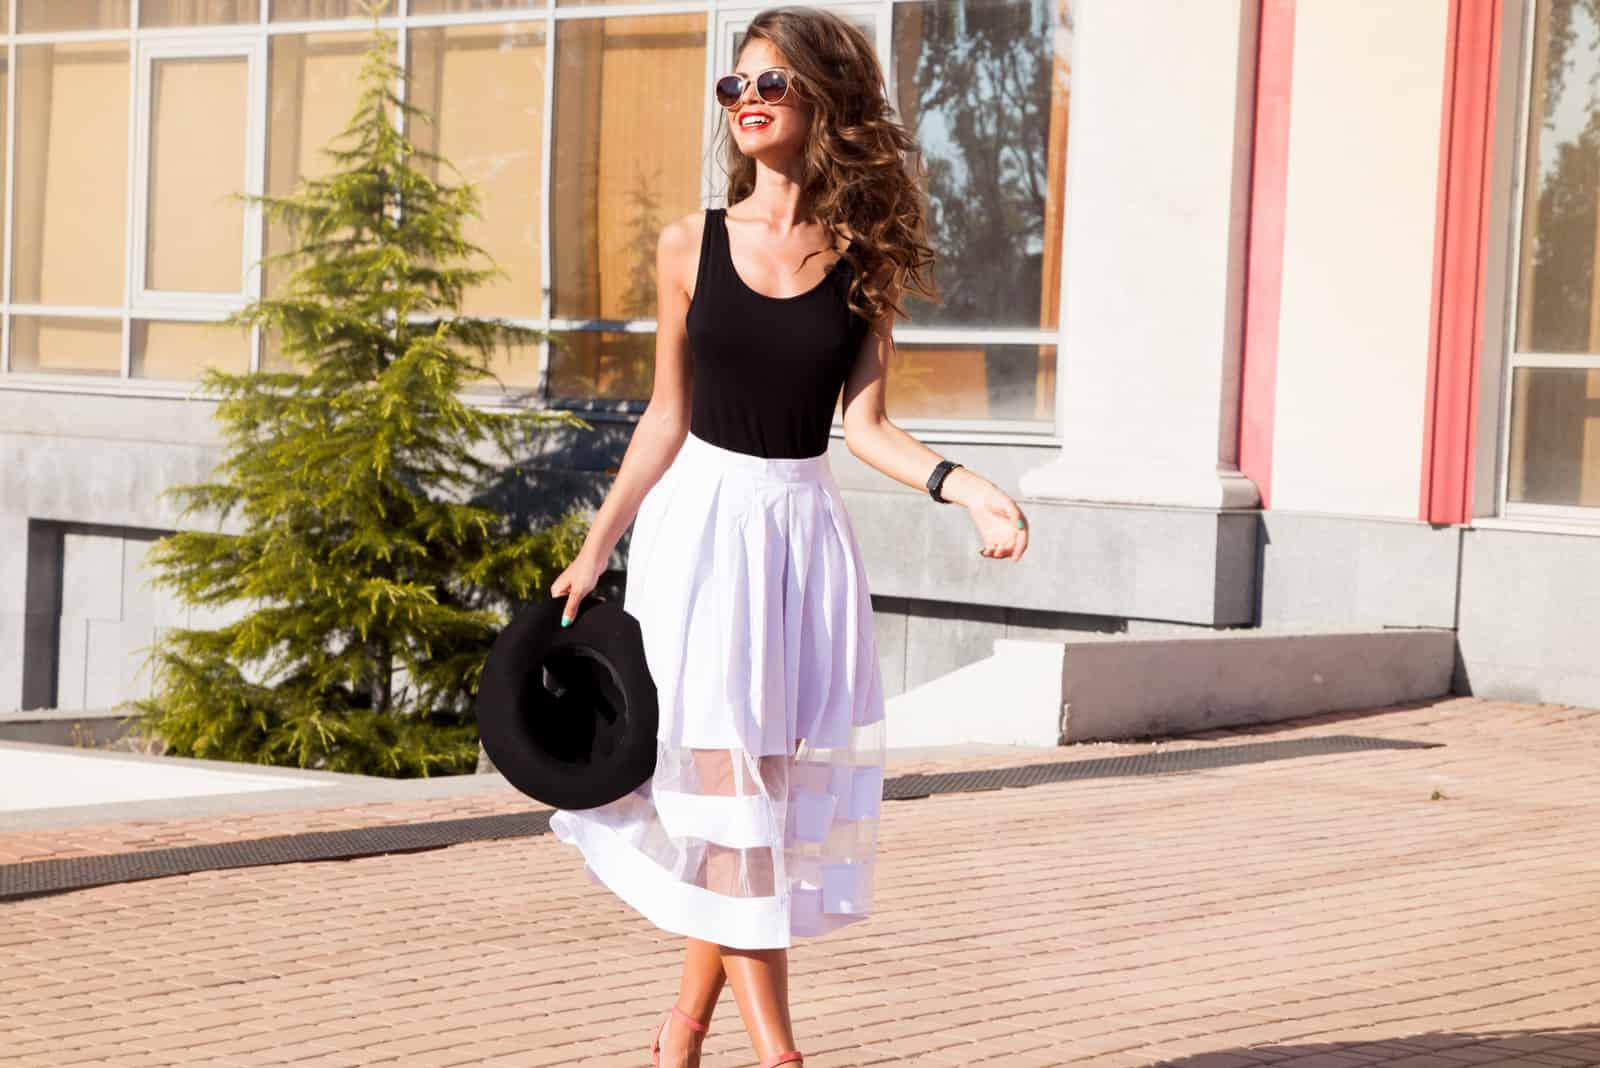 une belle femme marche dans la rue